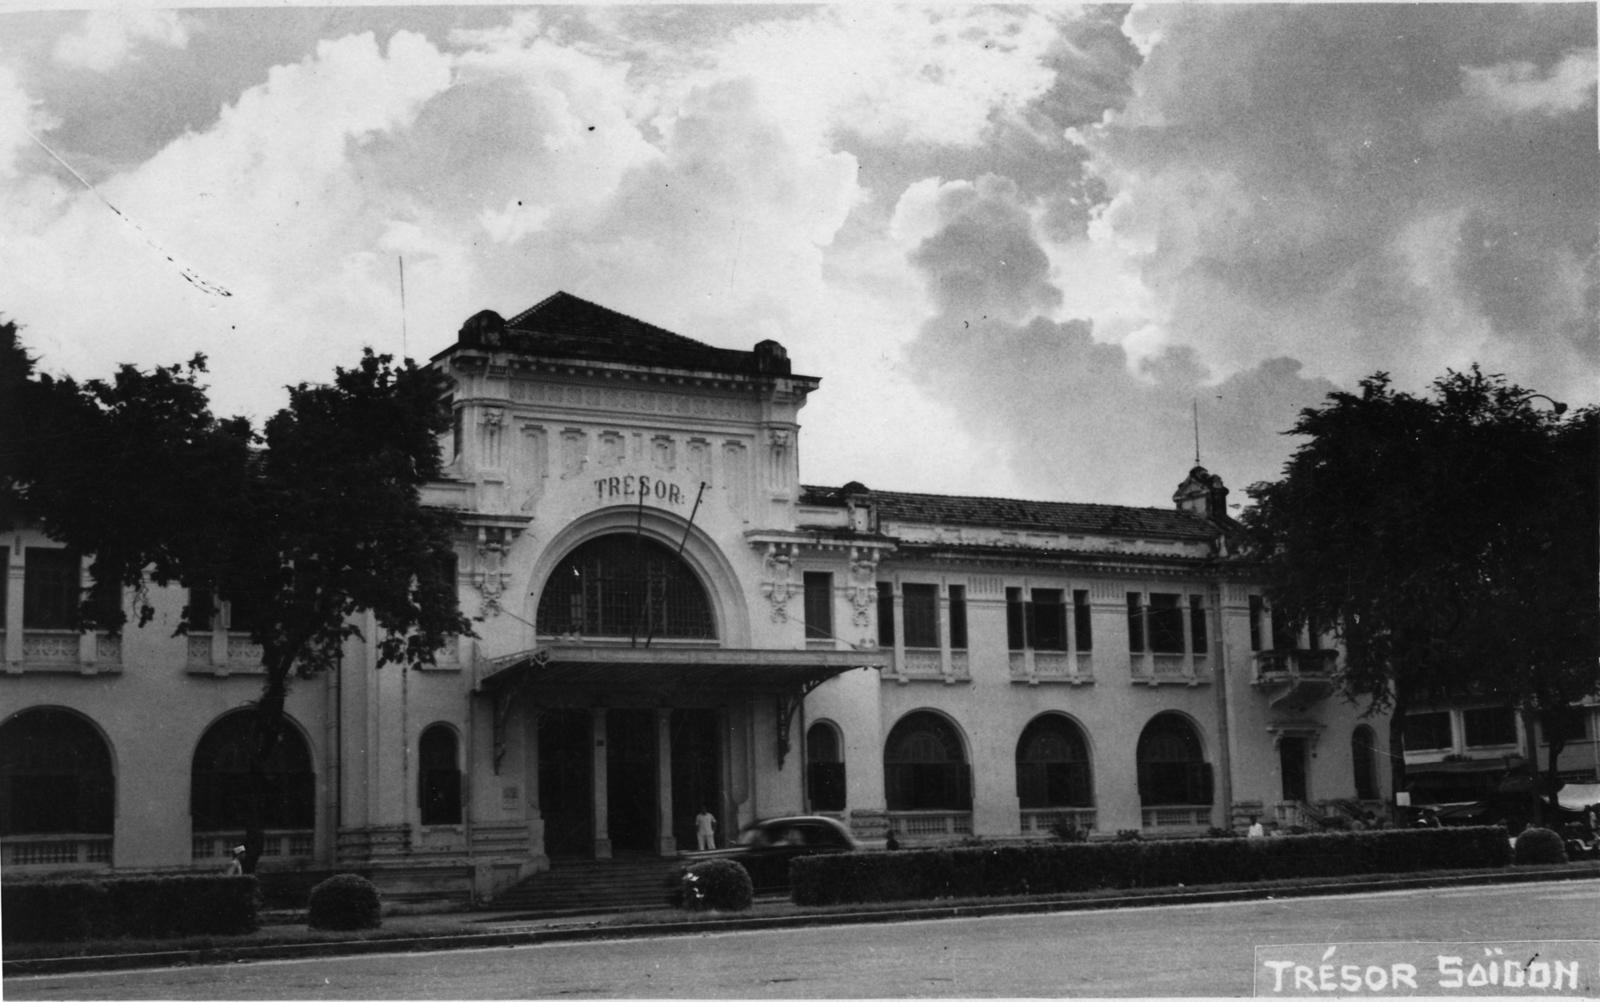 Saigon -  Le Trésor à Saïgon, Indochine